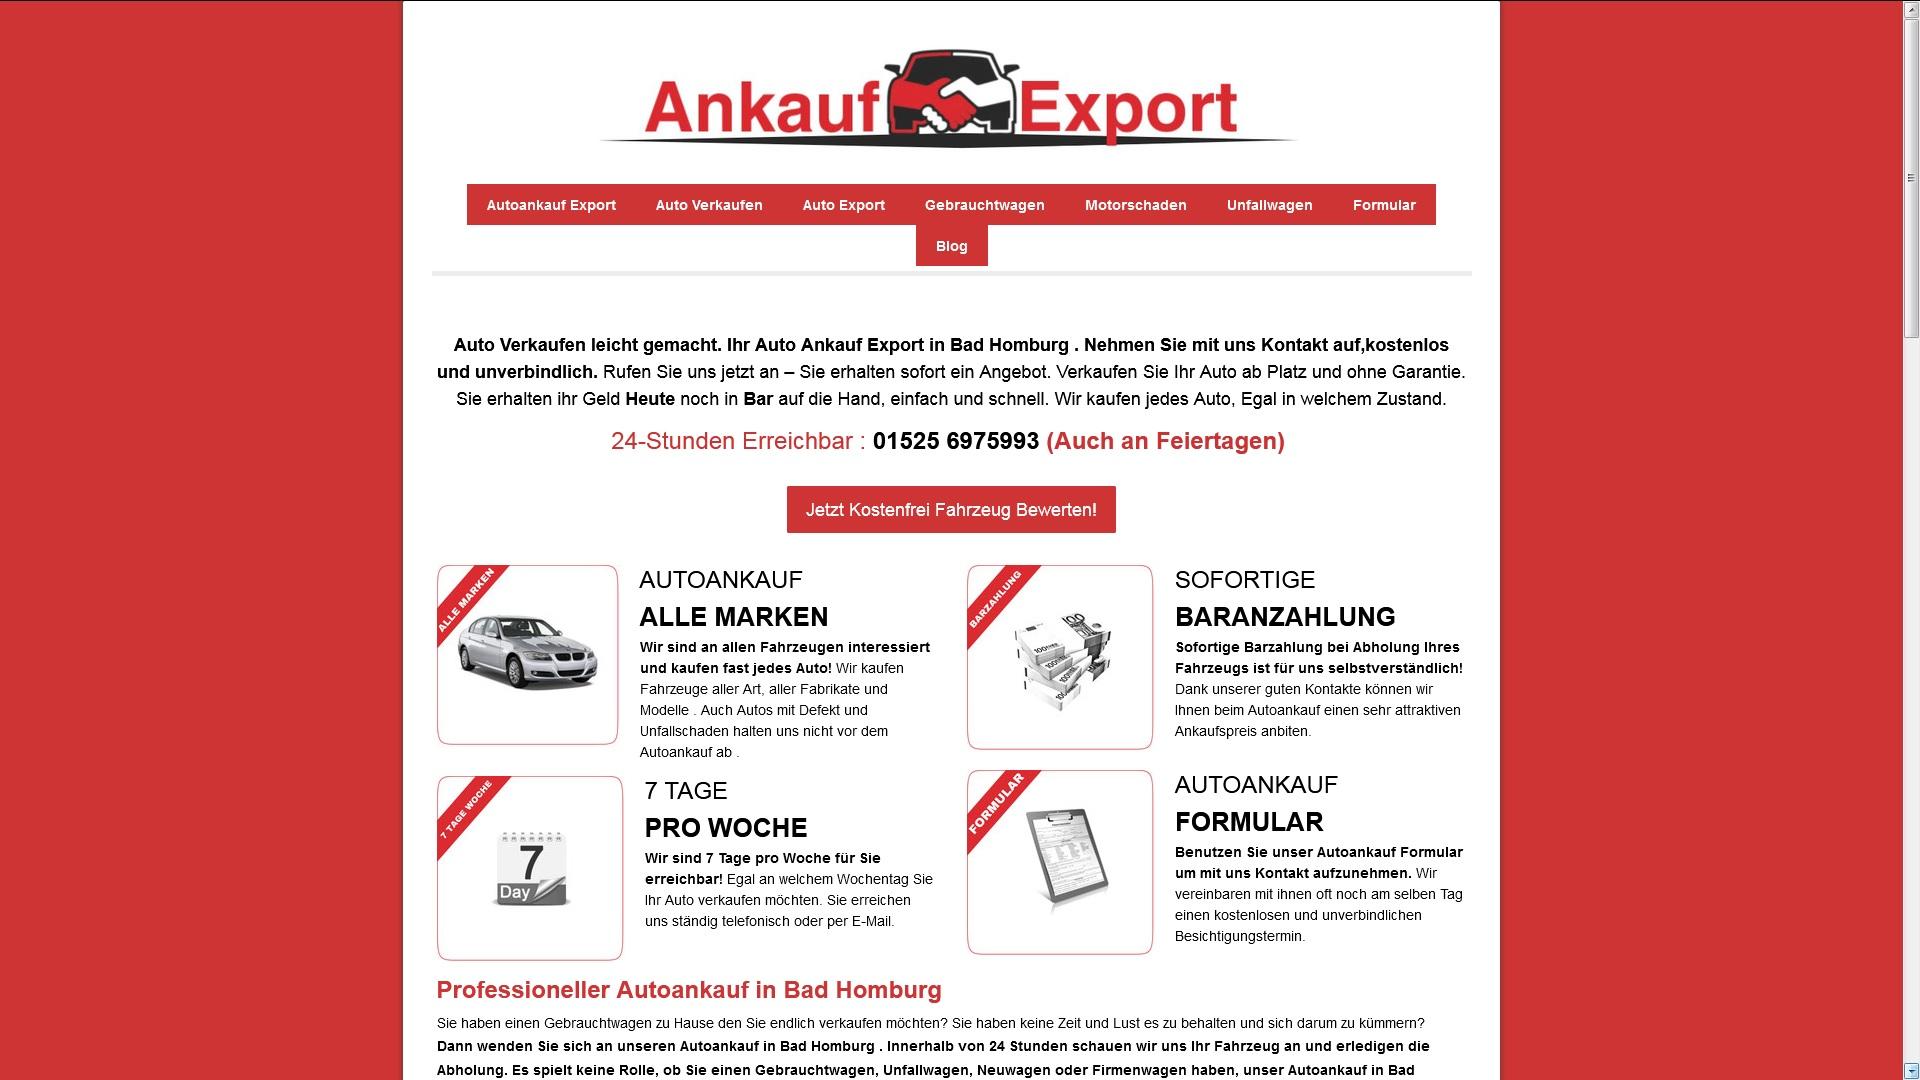 autoankauf dortmund fahrzeugverkauf alles aus einer hand - Autoankauf Dortmund – Fahrzeugverkauf alles aus einer Hand